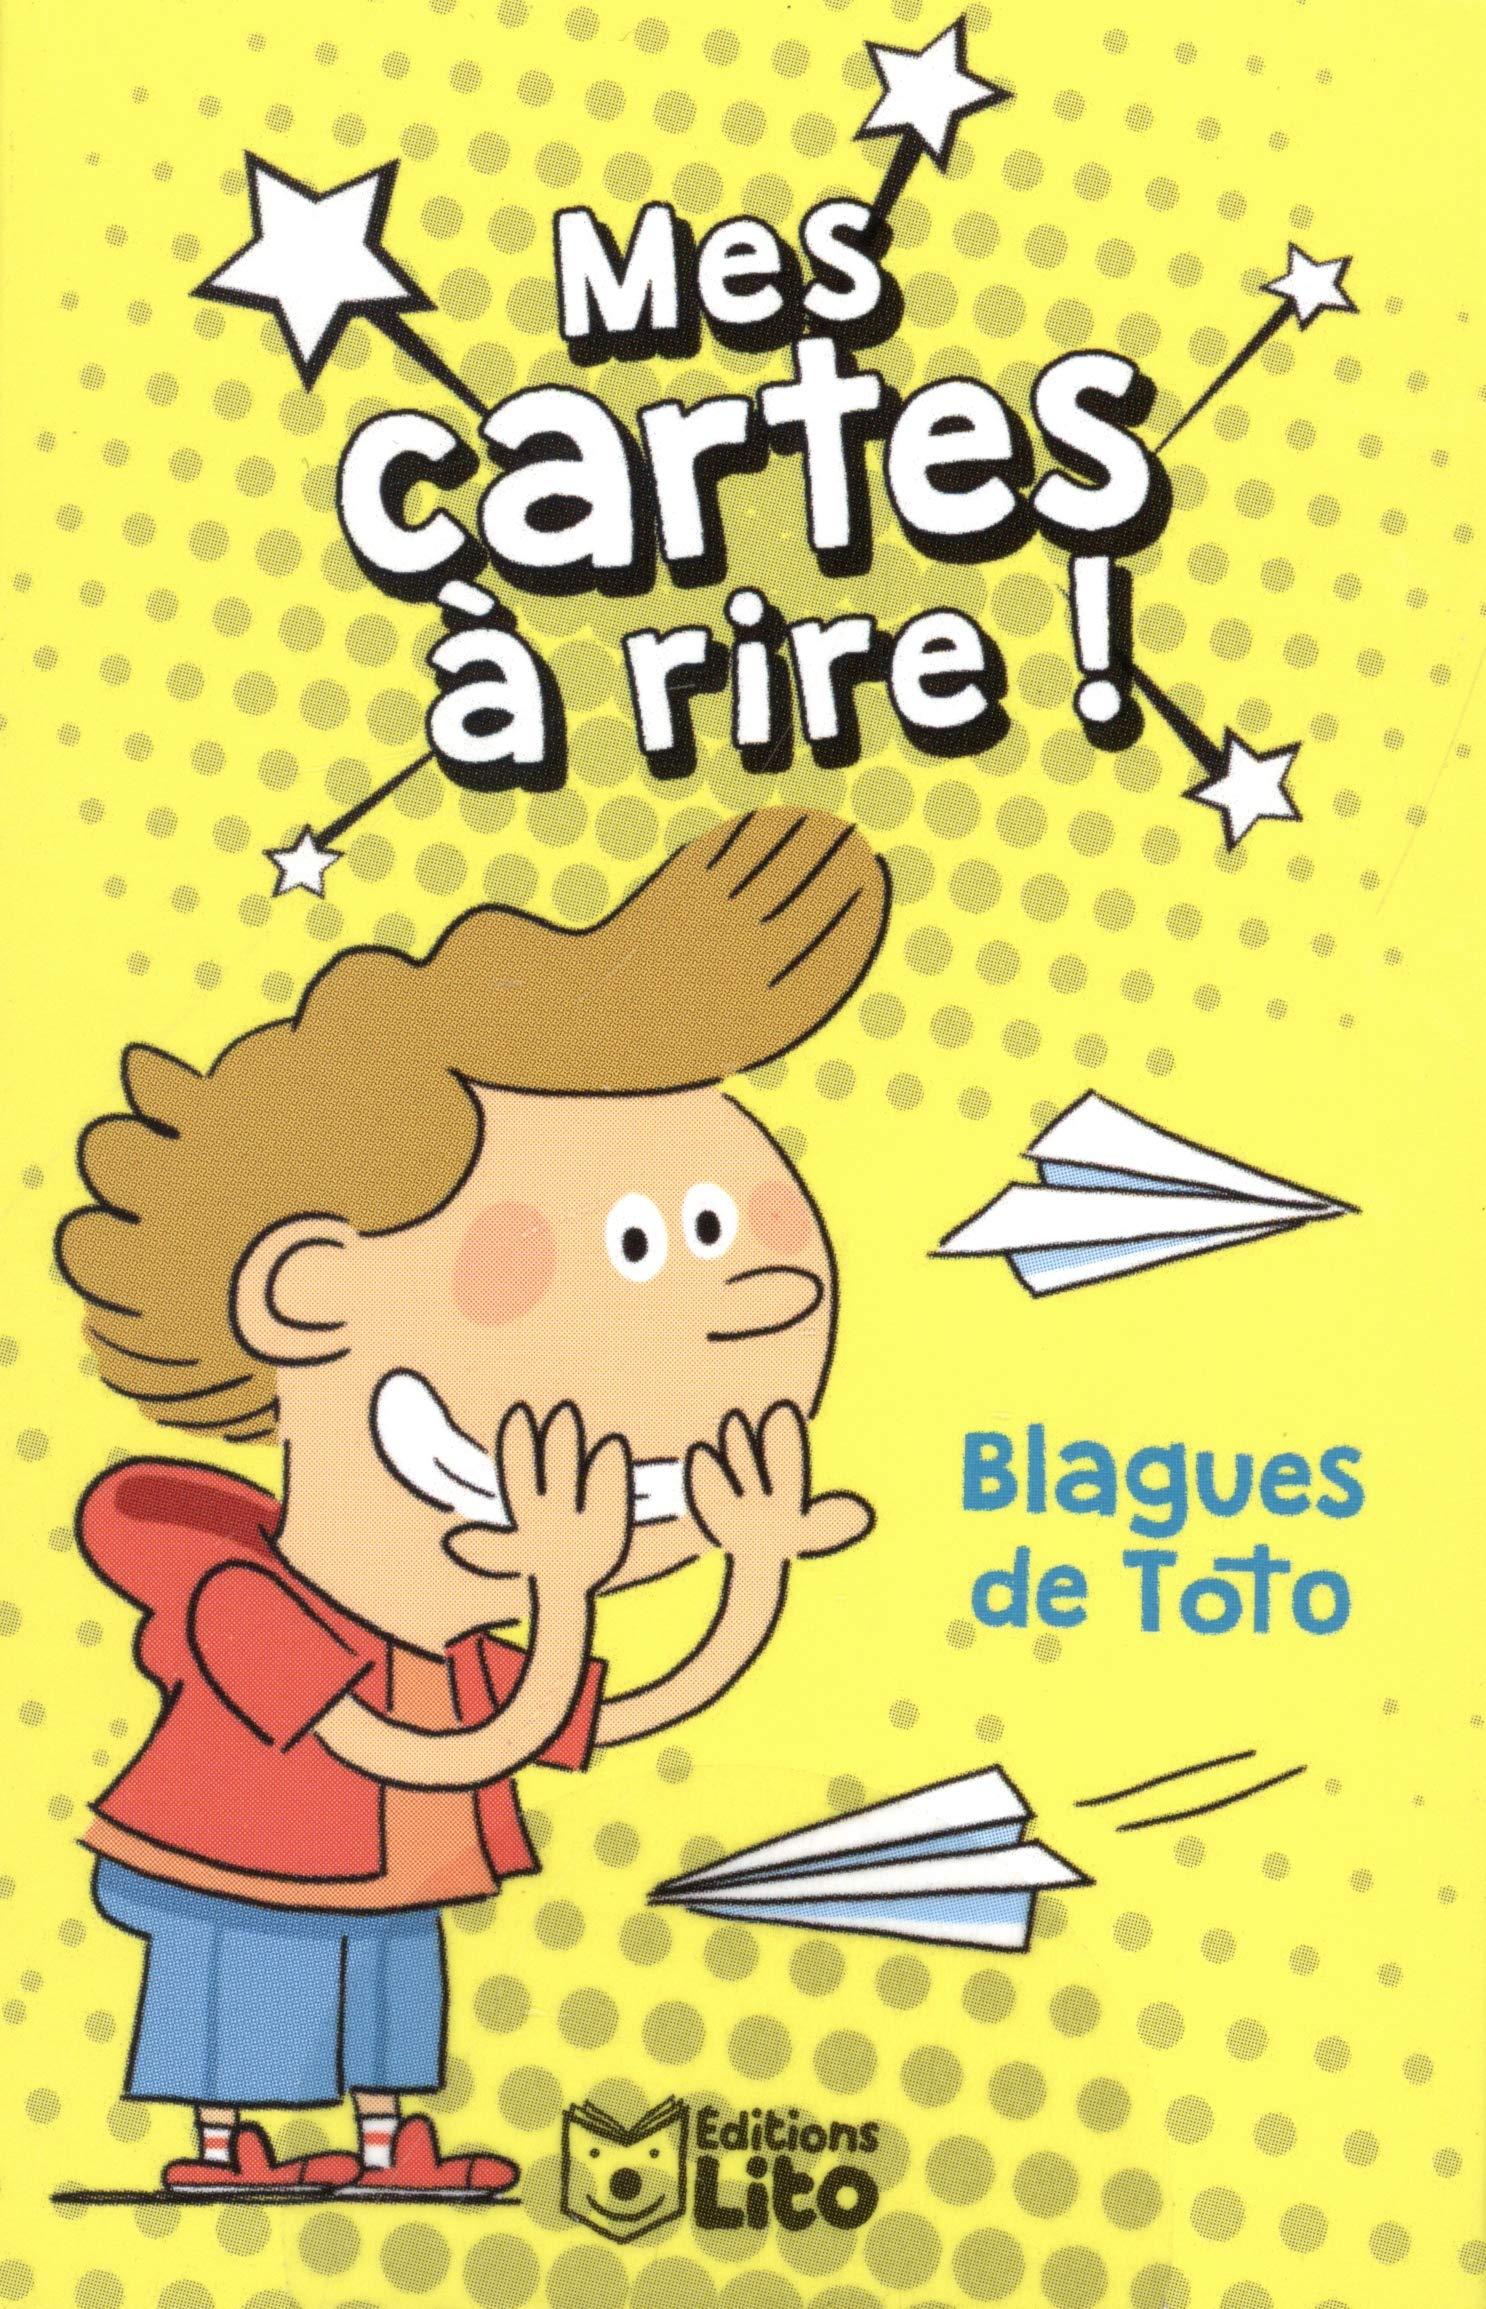 Mes cartes à rire: Blagues de Toto Boîte – 1 juin 2018 Fabrice Mosca Lito 2244502147 Jeunesse / De 6 à 9 ans